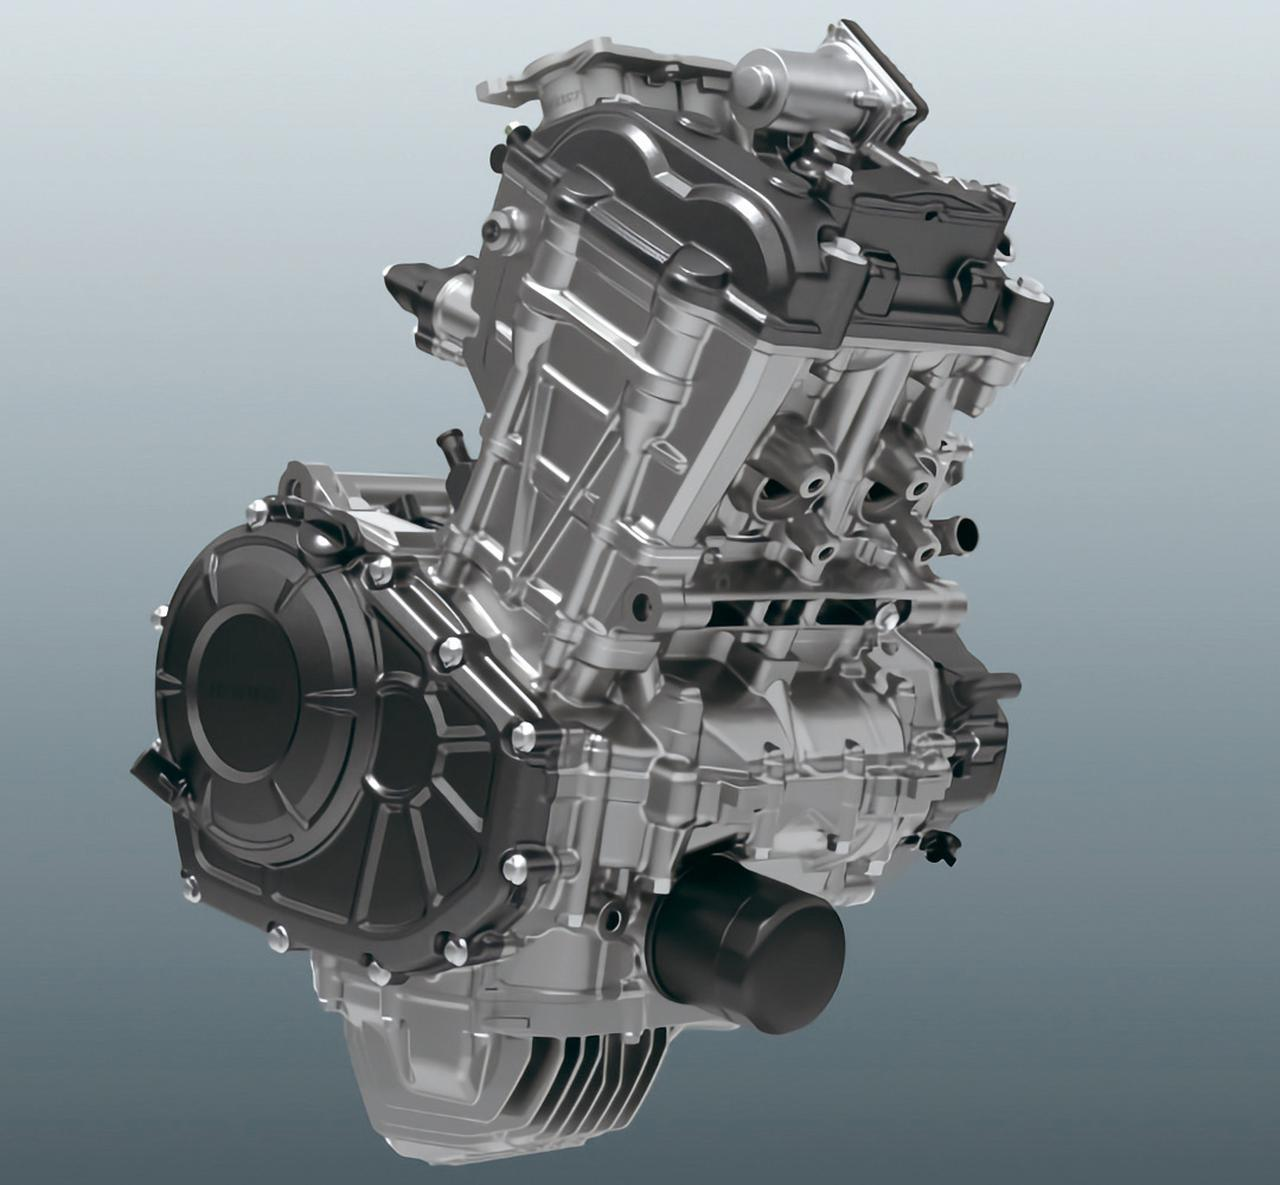 画像: 新型CBR250RRに搭載されている2気筒エンジン。圧縮比をアップ、エンジン内のポンピングロスを低減したほか、浸炭コンロッドの採用やバルブスプリングも見直し、3PSアップの41PSを達成した。